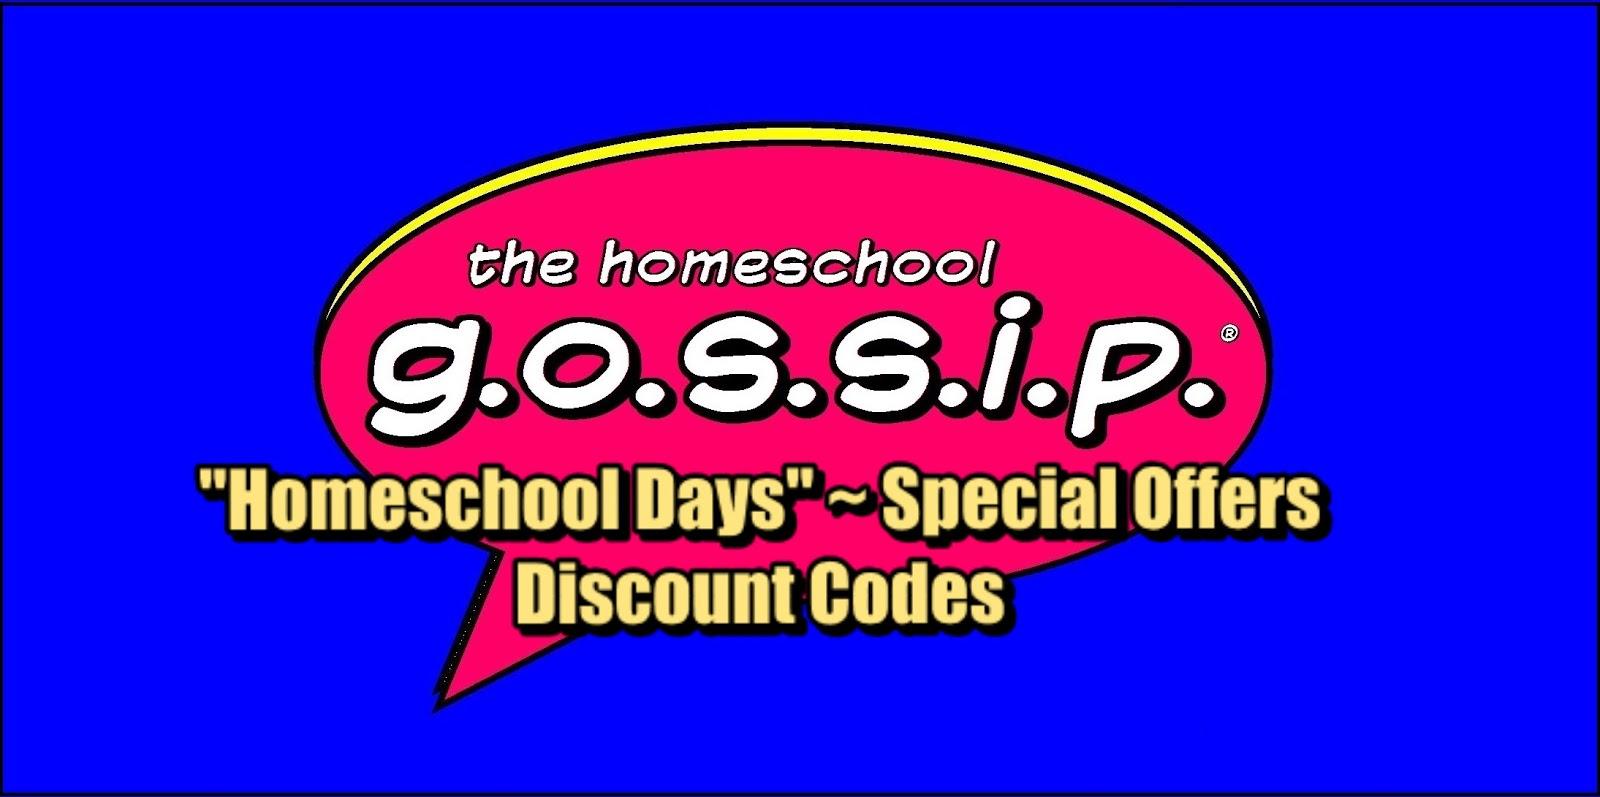 The homeschool gossip homeschool days discounts homeschool days discounts fandeluxe Choice Image